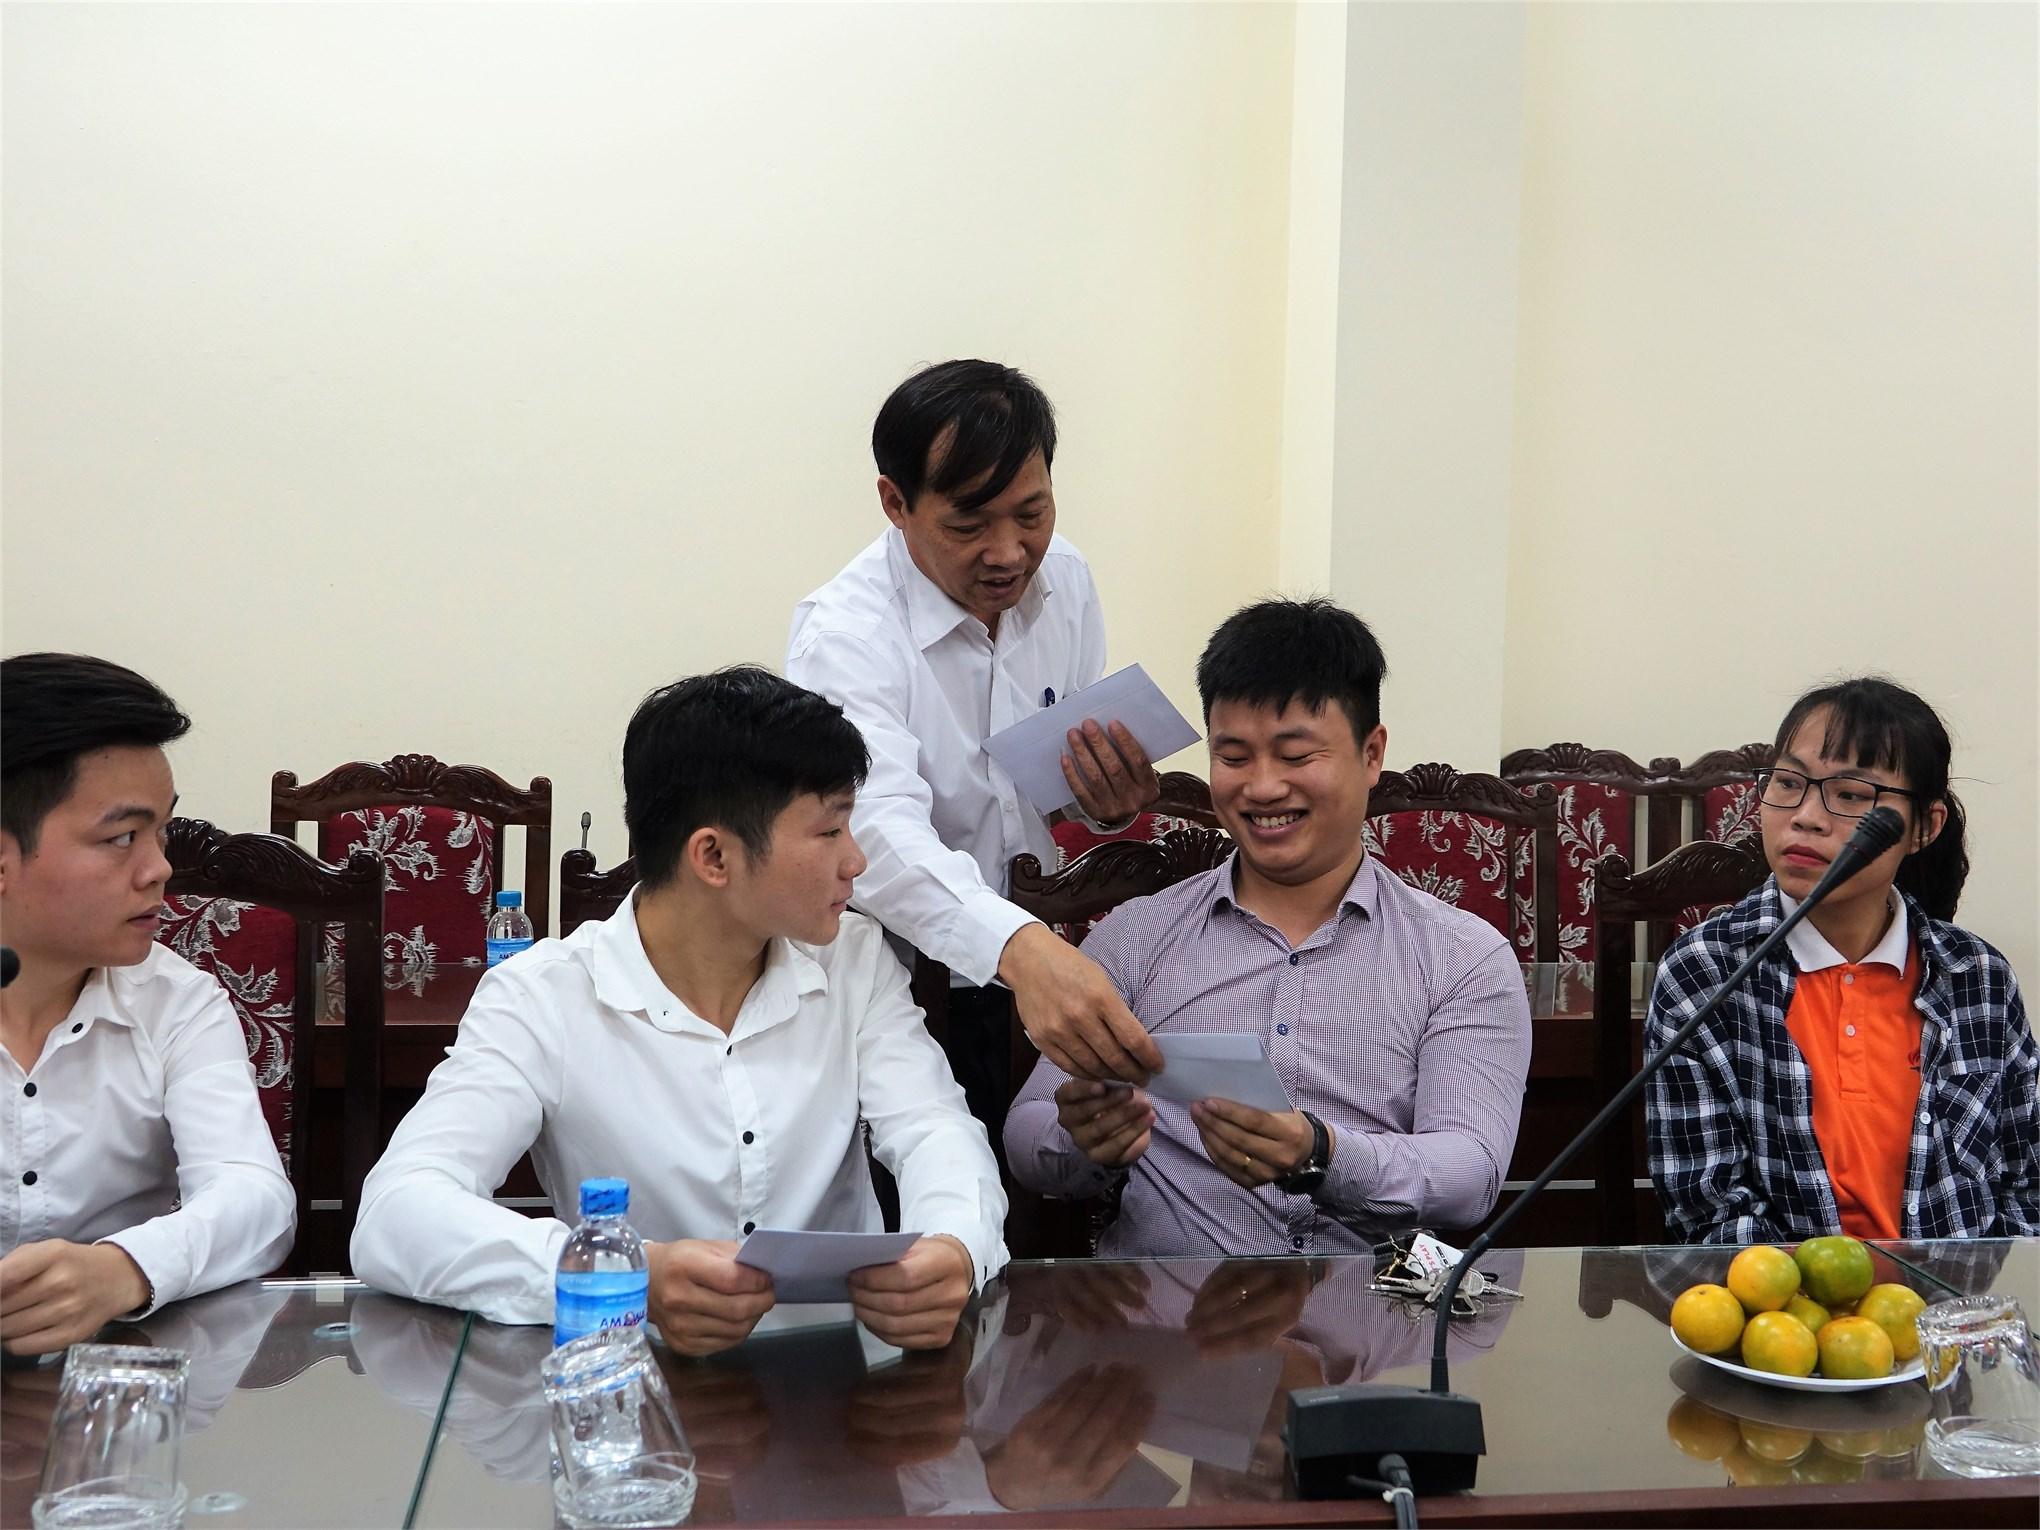 PGS.TS. Phạm Văn Bổng - Phó Bí thư Đảng ủy, Phó Hiệu trưởng nhà trường tặng quà cho các bạn sinh viên khuyết tật